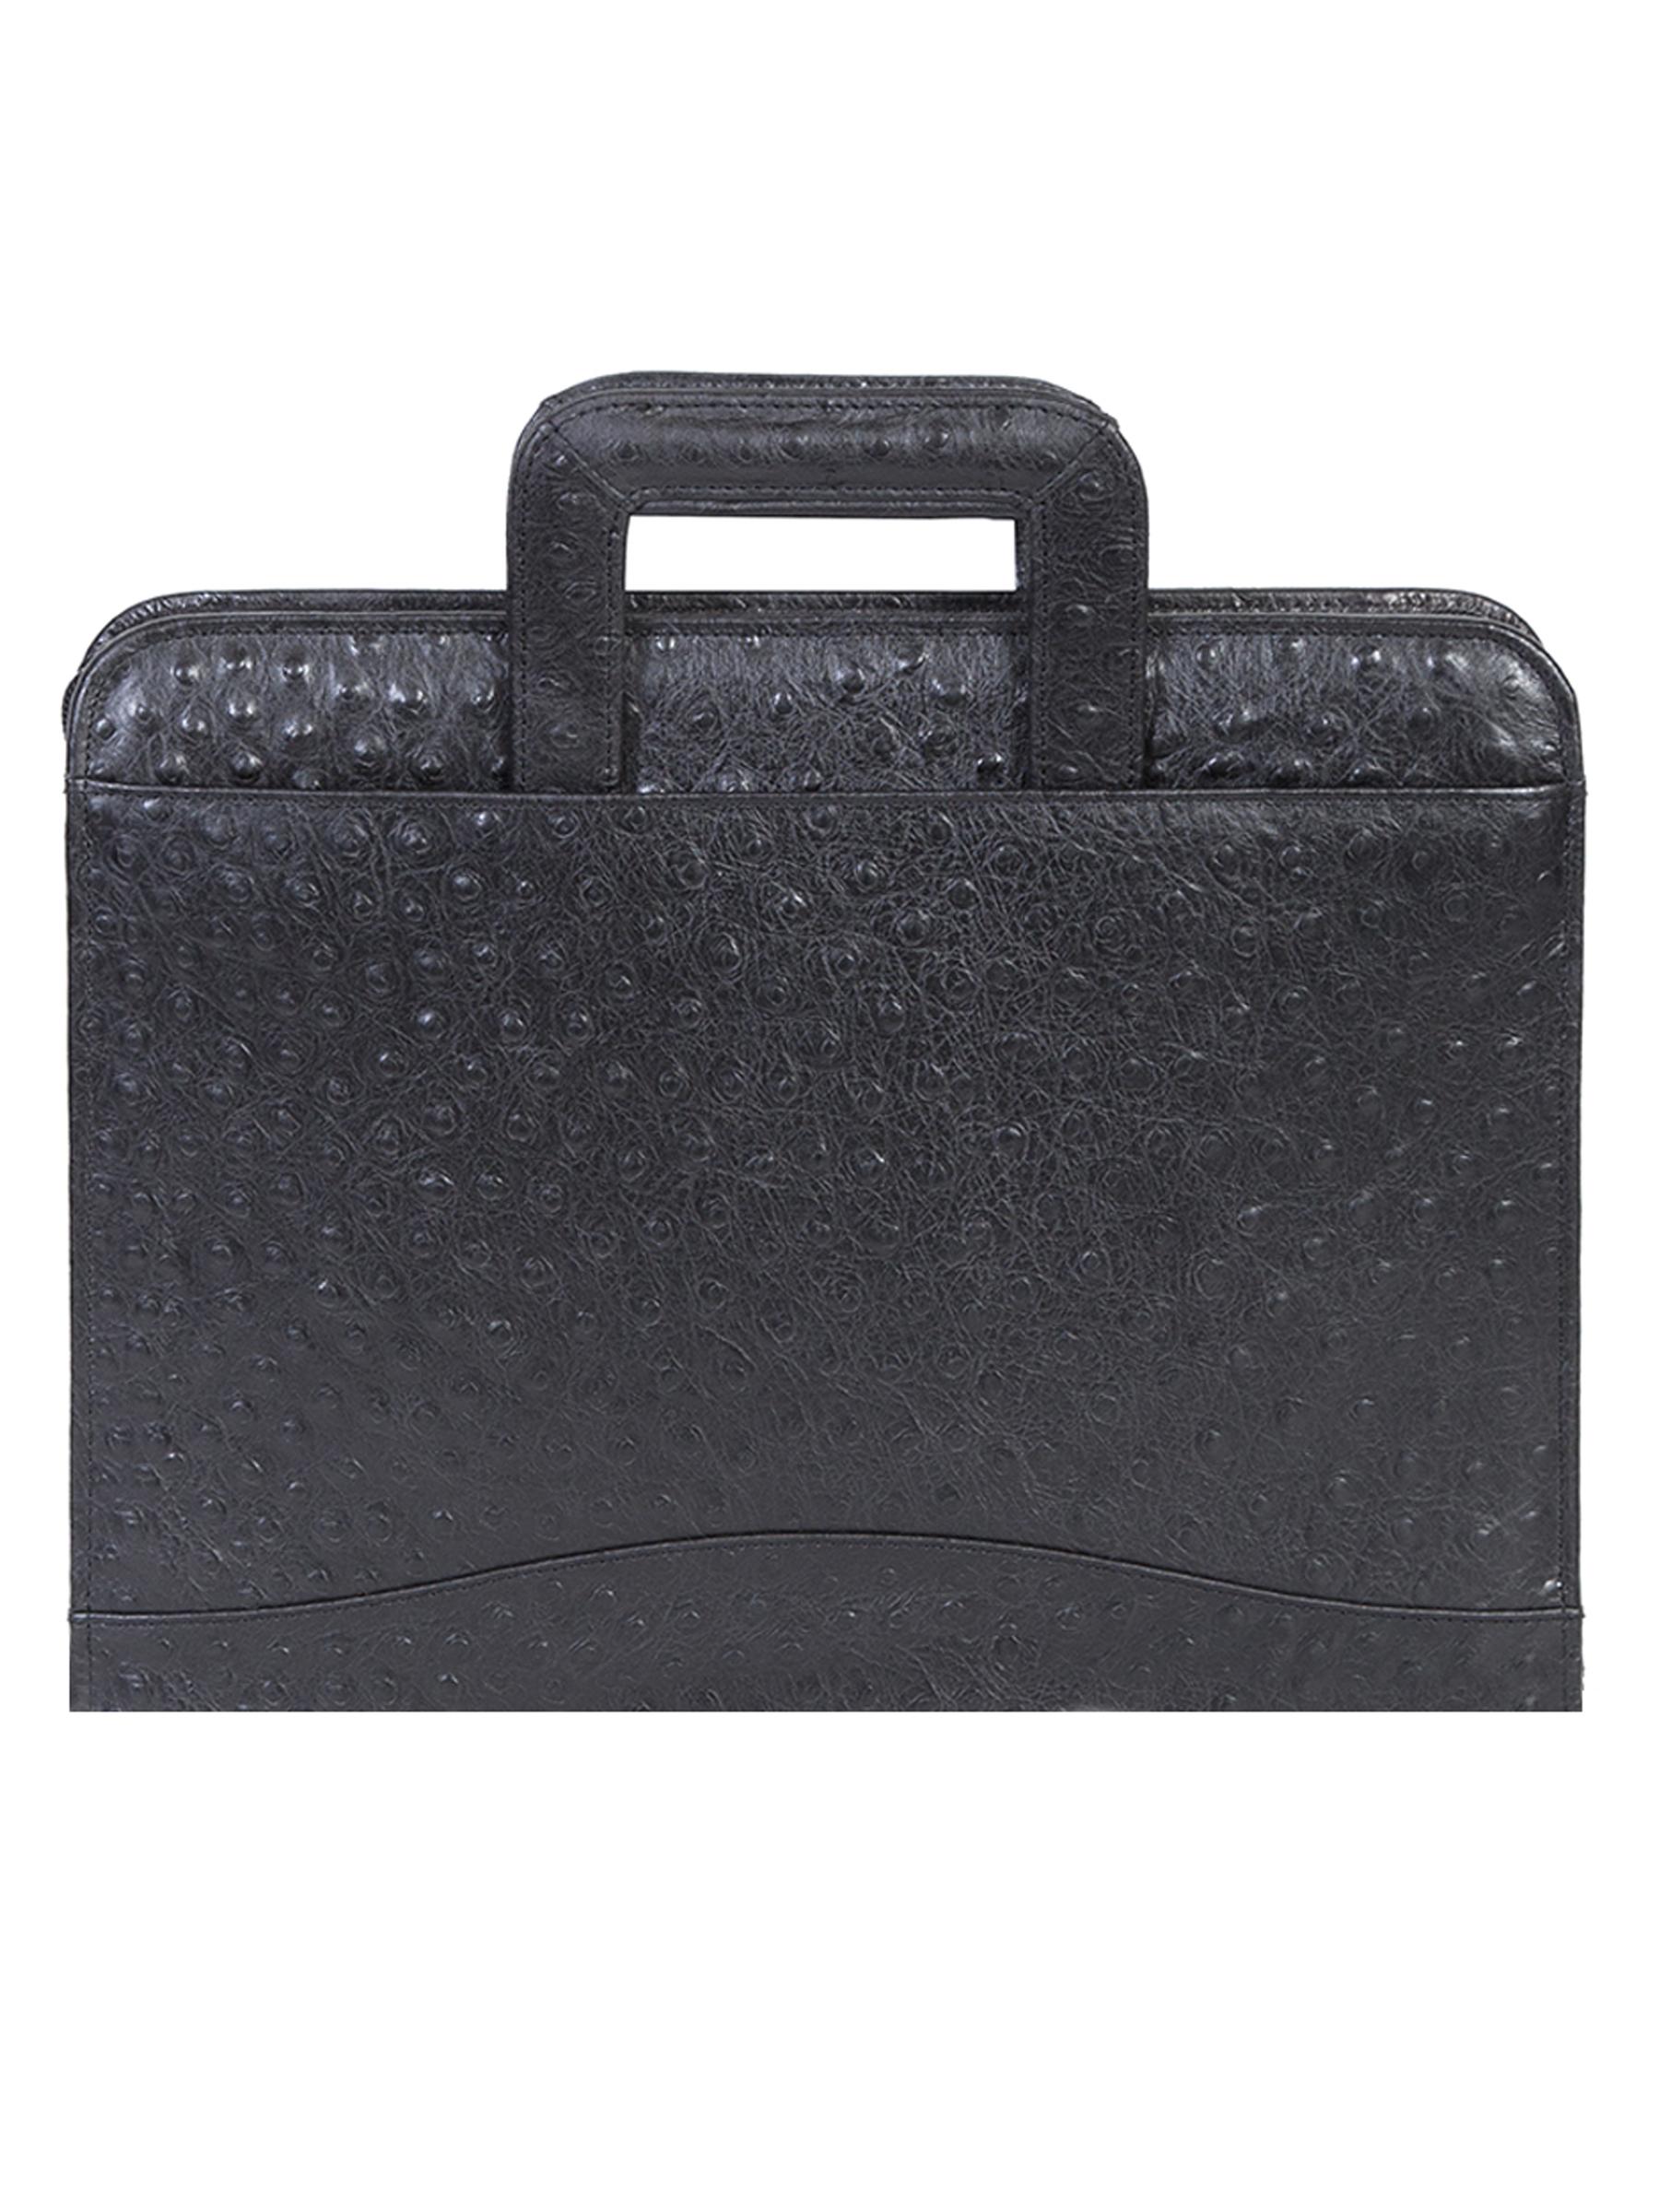 Leather 3 ring zip binder w/drop handles